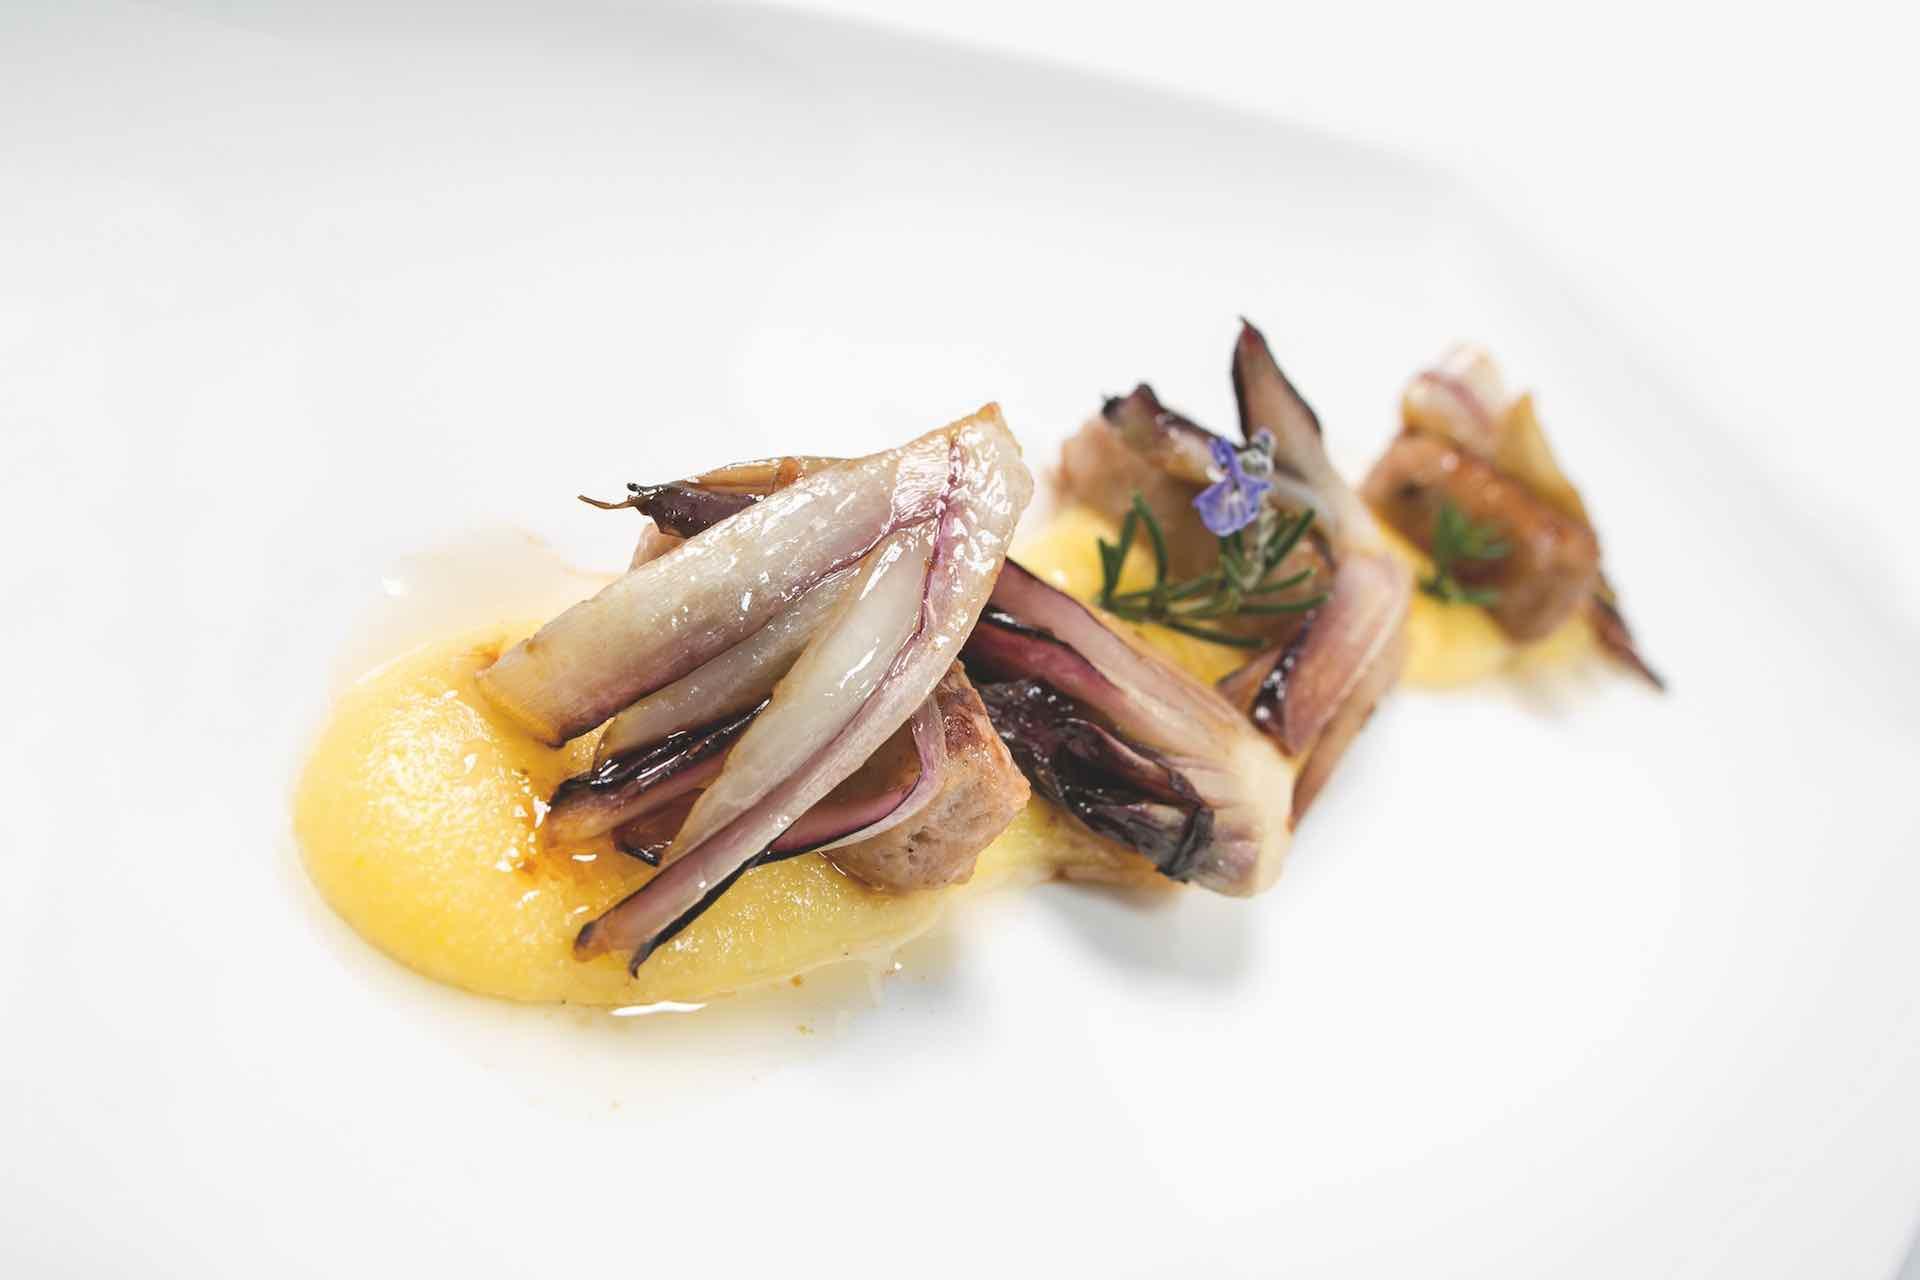 Polenta cremosa con salsicce - esperienza gastronomica in Veneto sulle Colline del Prosecco Valdobbiadene